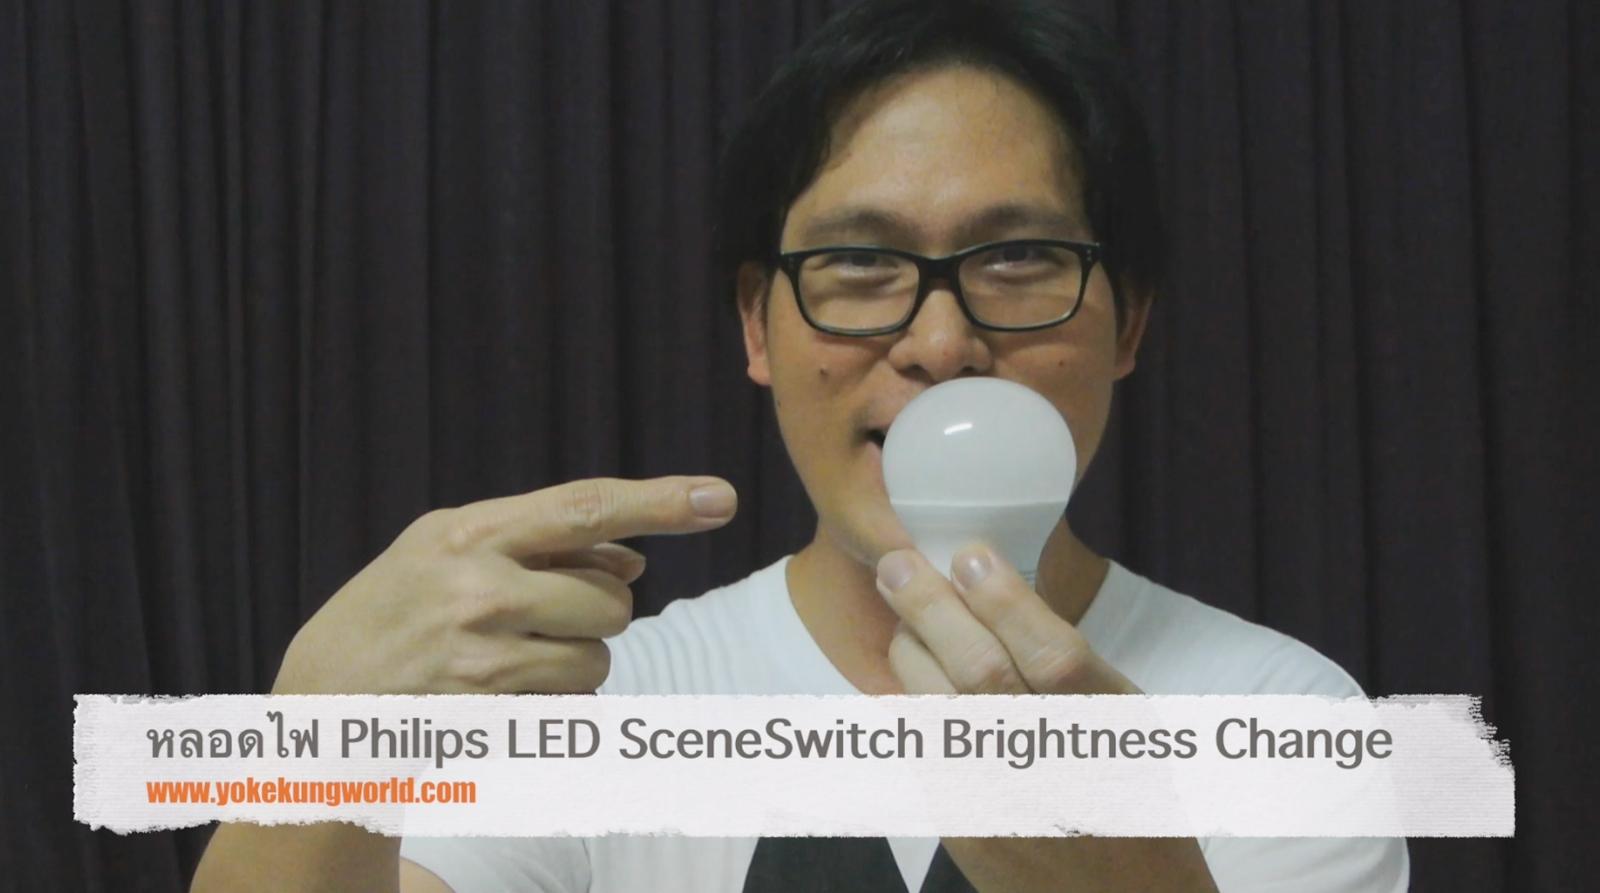 philips led sceneswitch brightness change. Black Bedroom Furniture Sets. Home Design Ideas